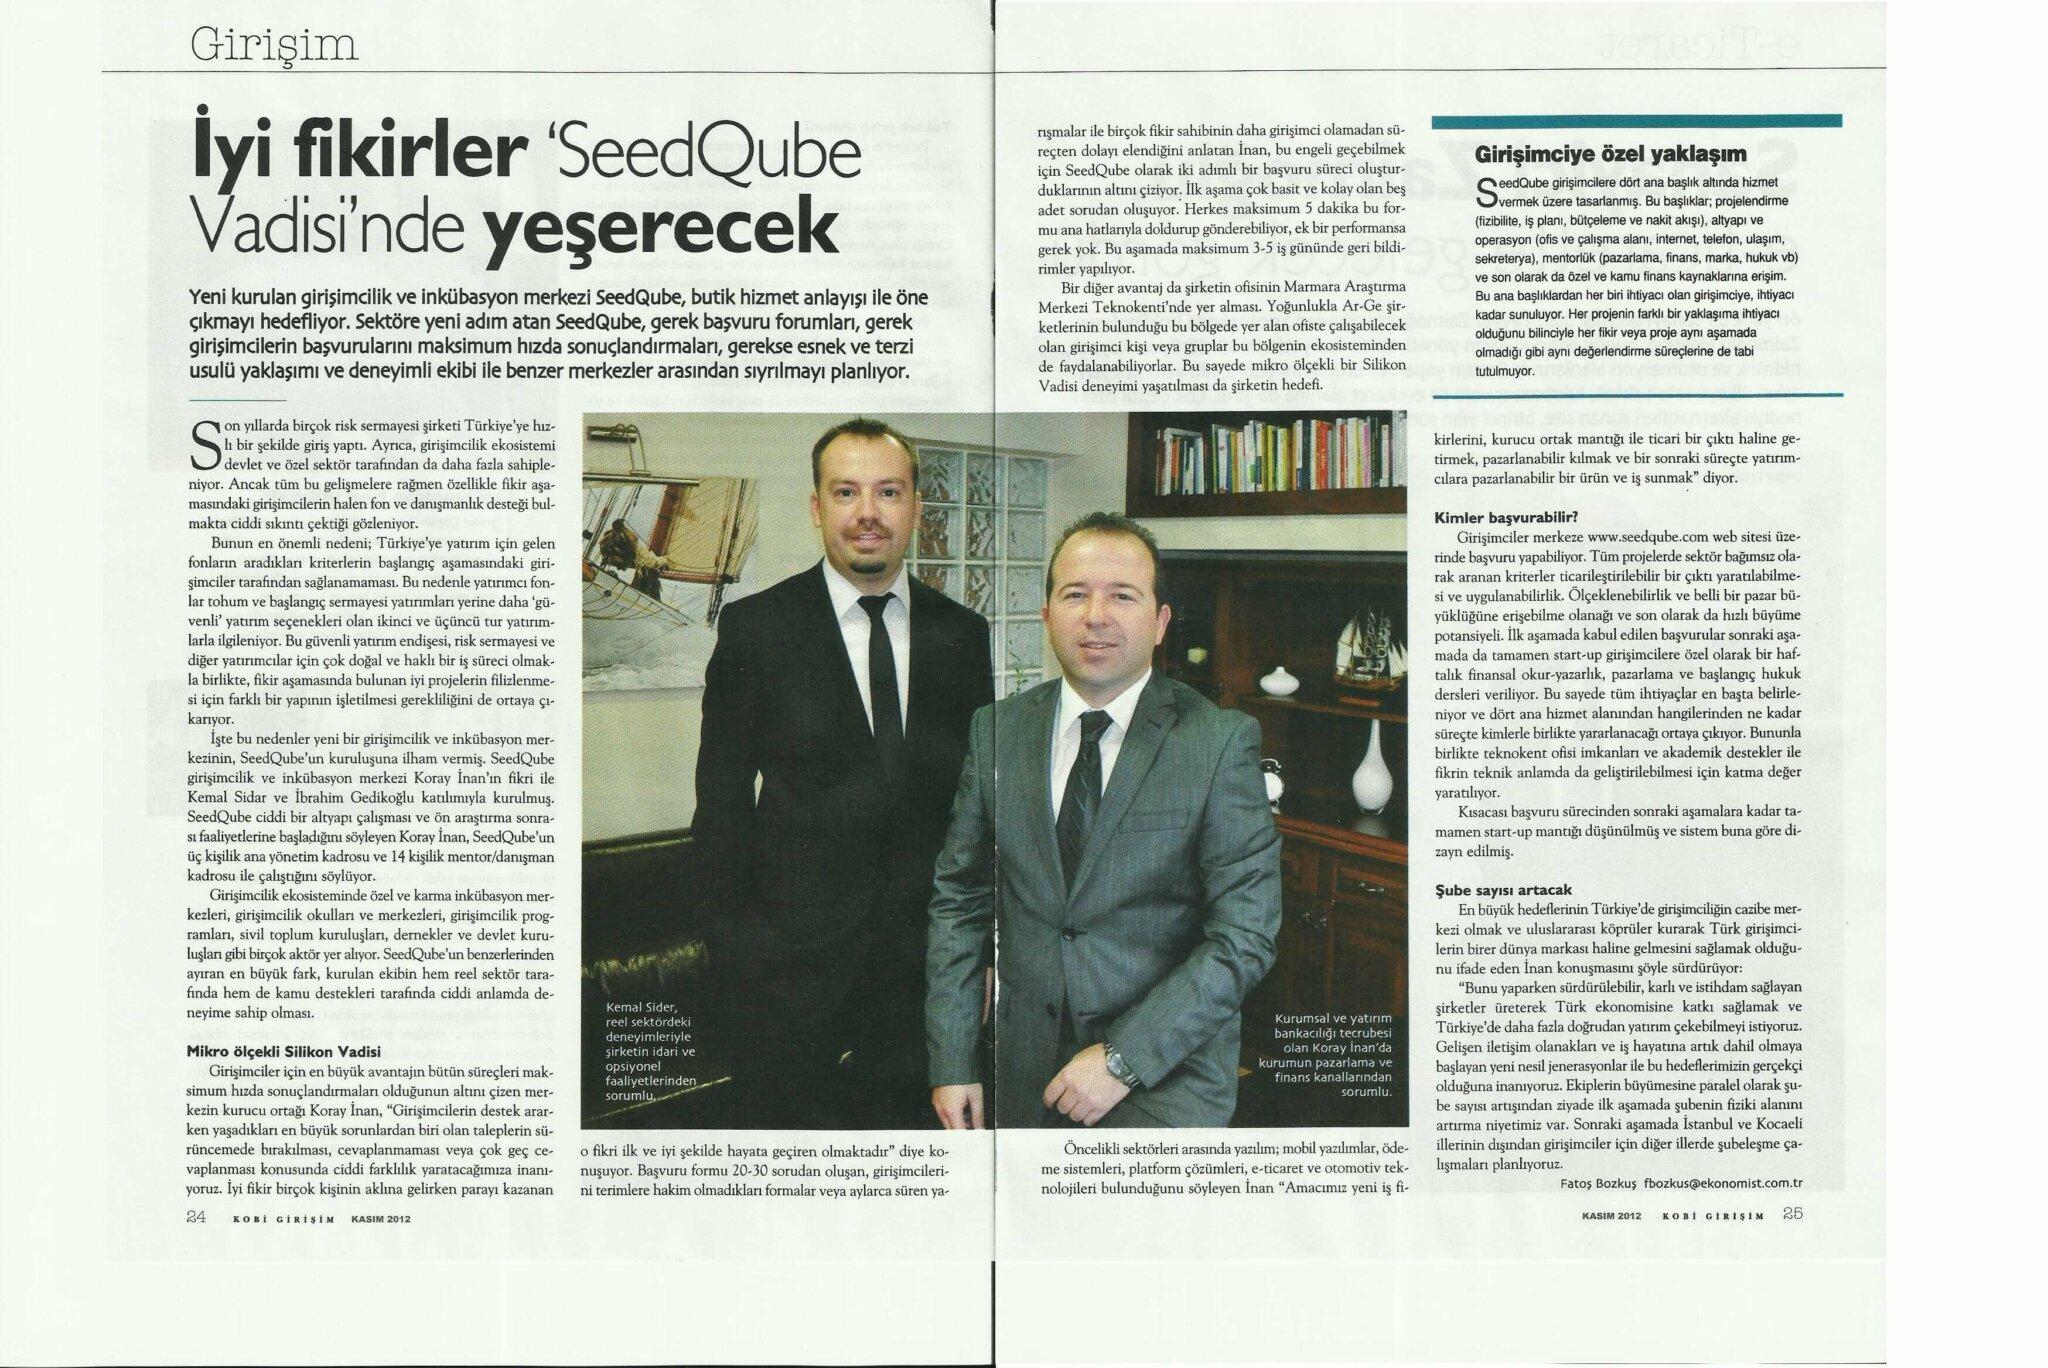 SeedQubeRoportaj - Etkin Proje'nin yeni girişimi SeedQube, Ekonomist Dergisi'ne haber oldu!